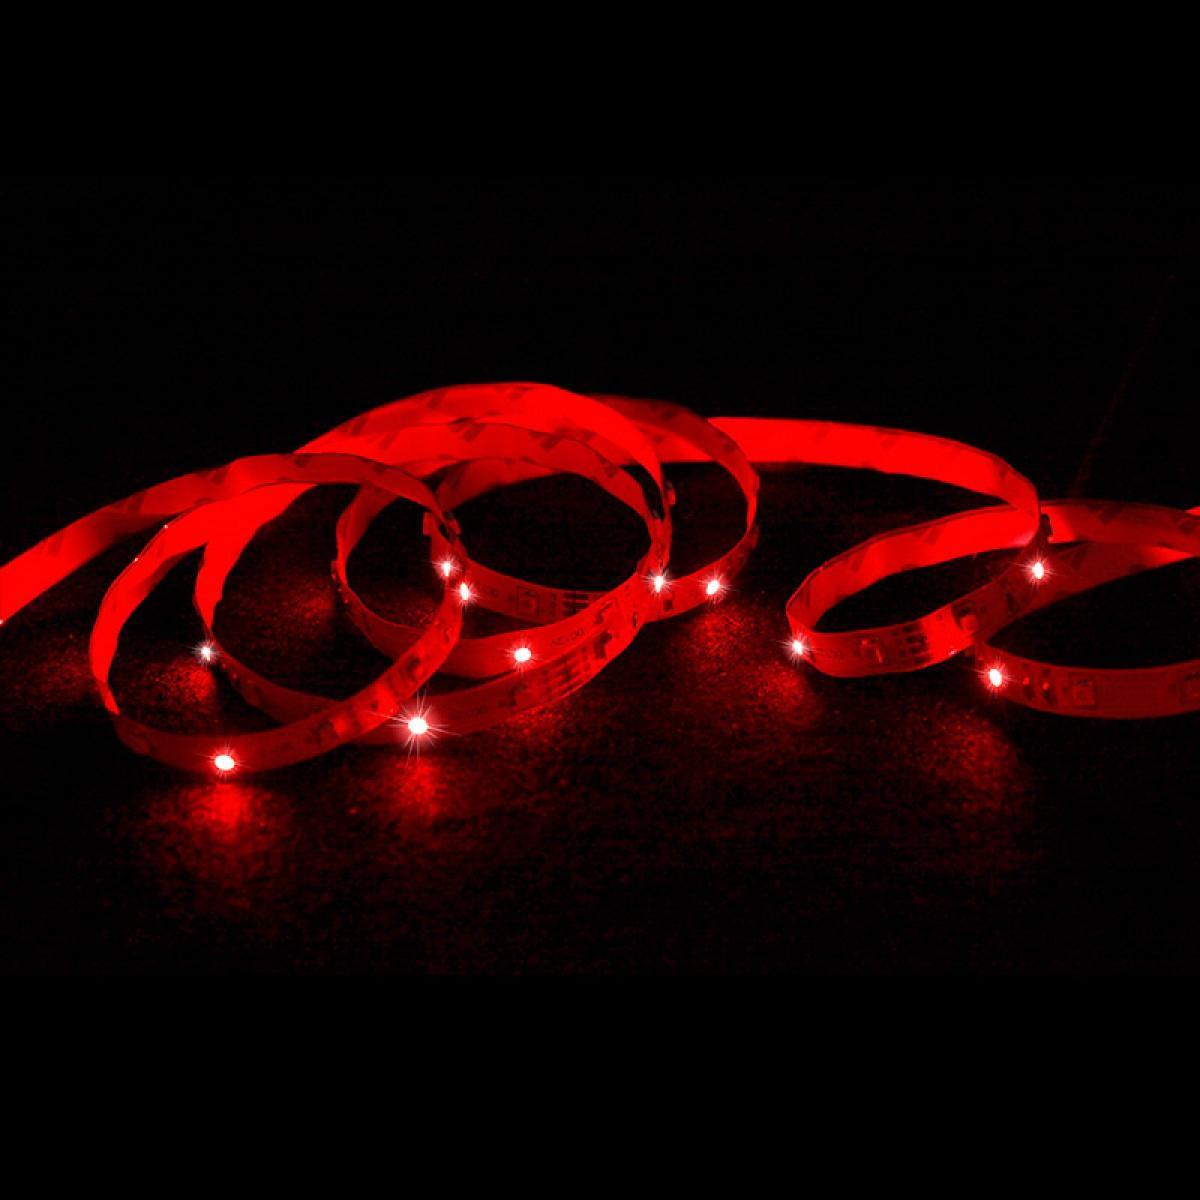 Ecd Germany ECD Germany Set 1x 15m (3x5m) Bande de LED RGB blanc SMD 3528 + 1x Transformateur 5A 60W 12V câble pour prise EU + 1x T